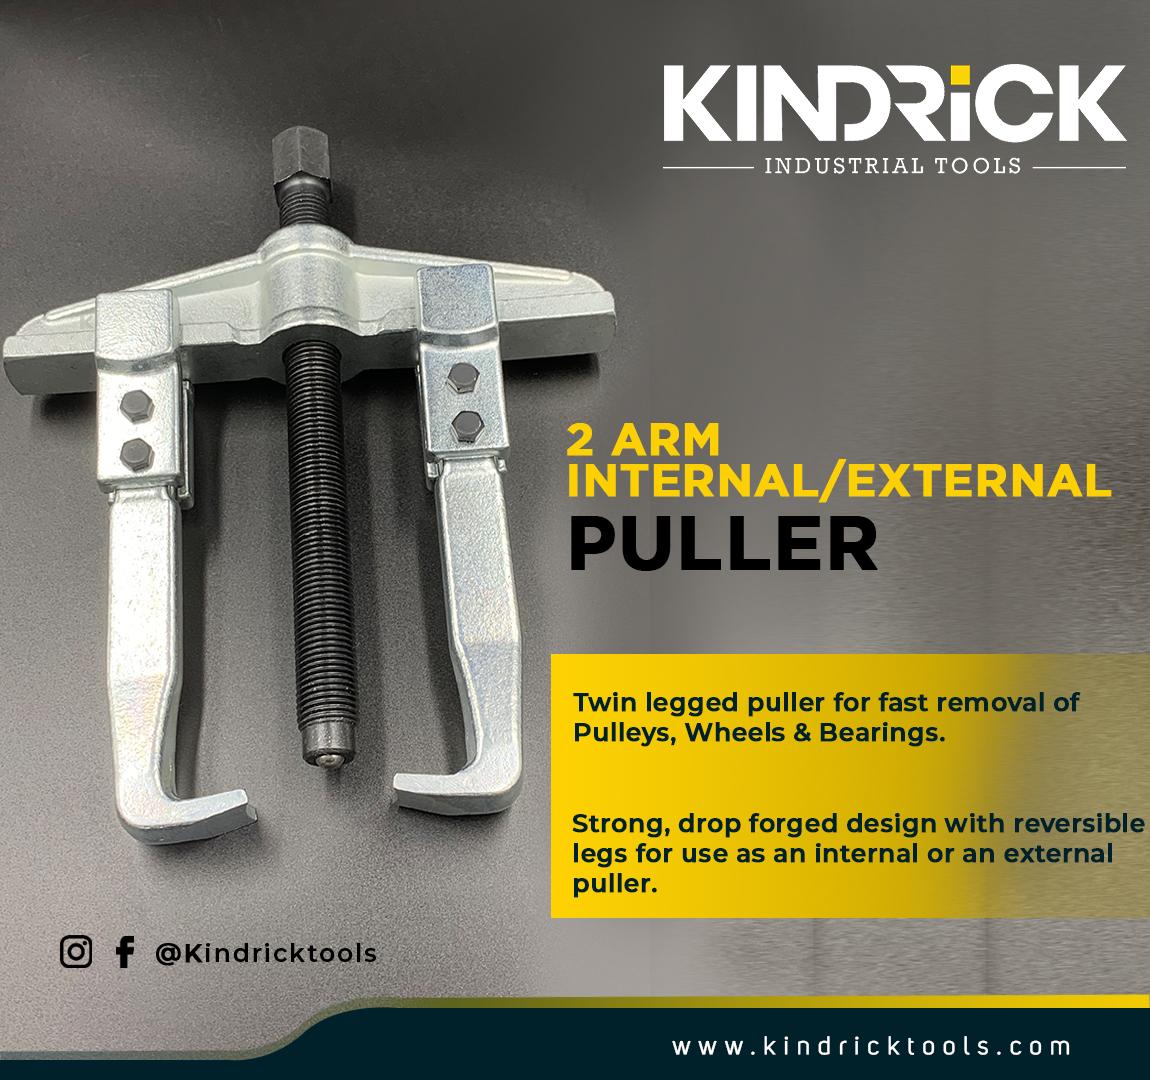 Kindrick - 2 Arm Internal / External Puller